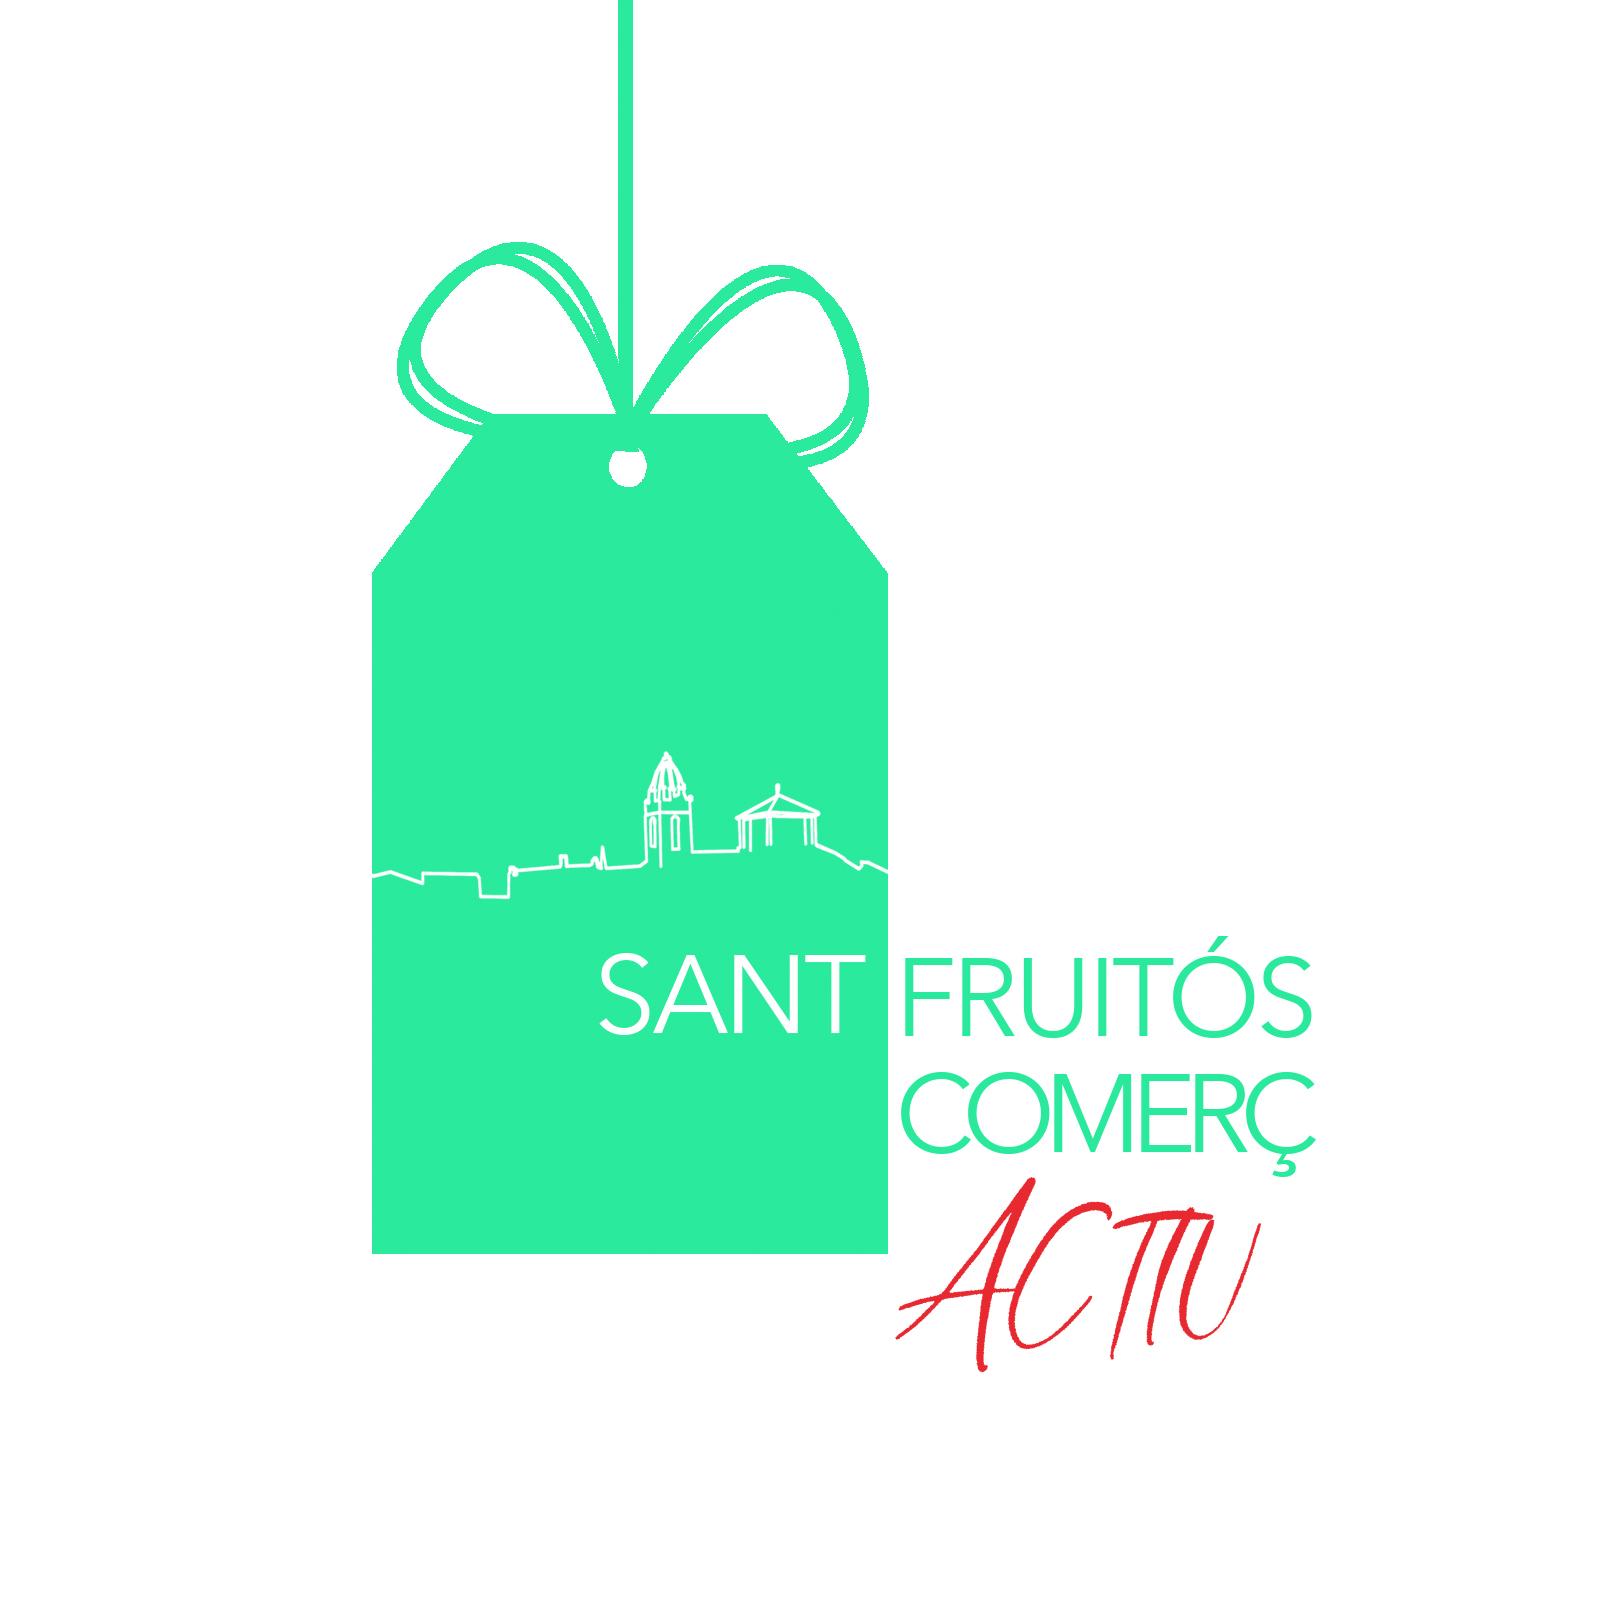 Associació Sant Fruitós Comerç Actiu